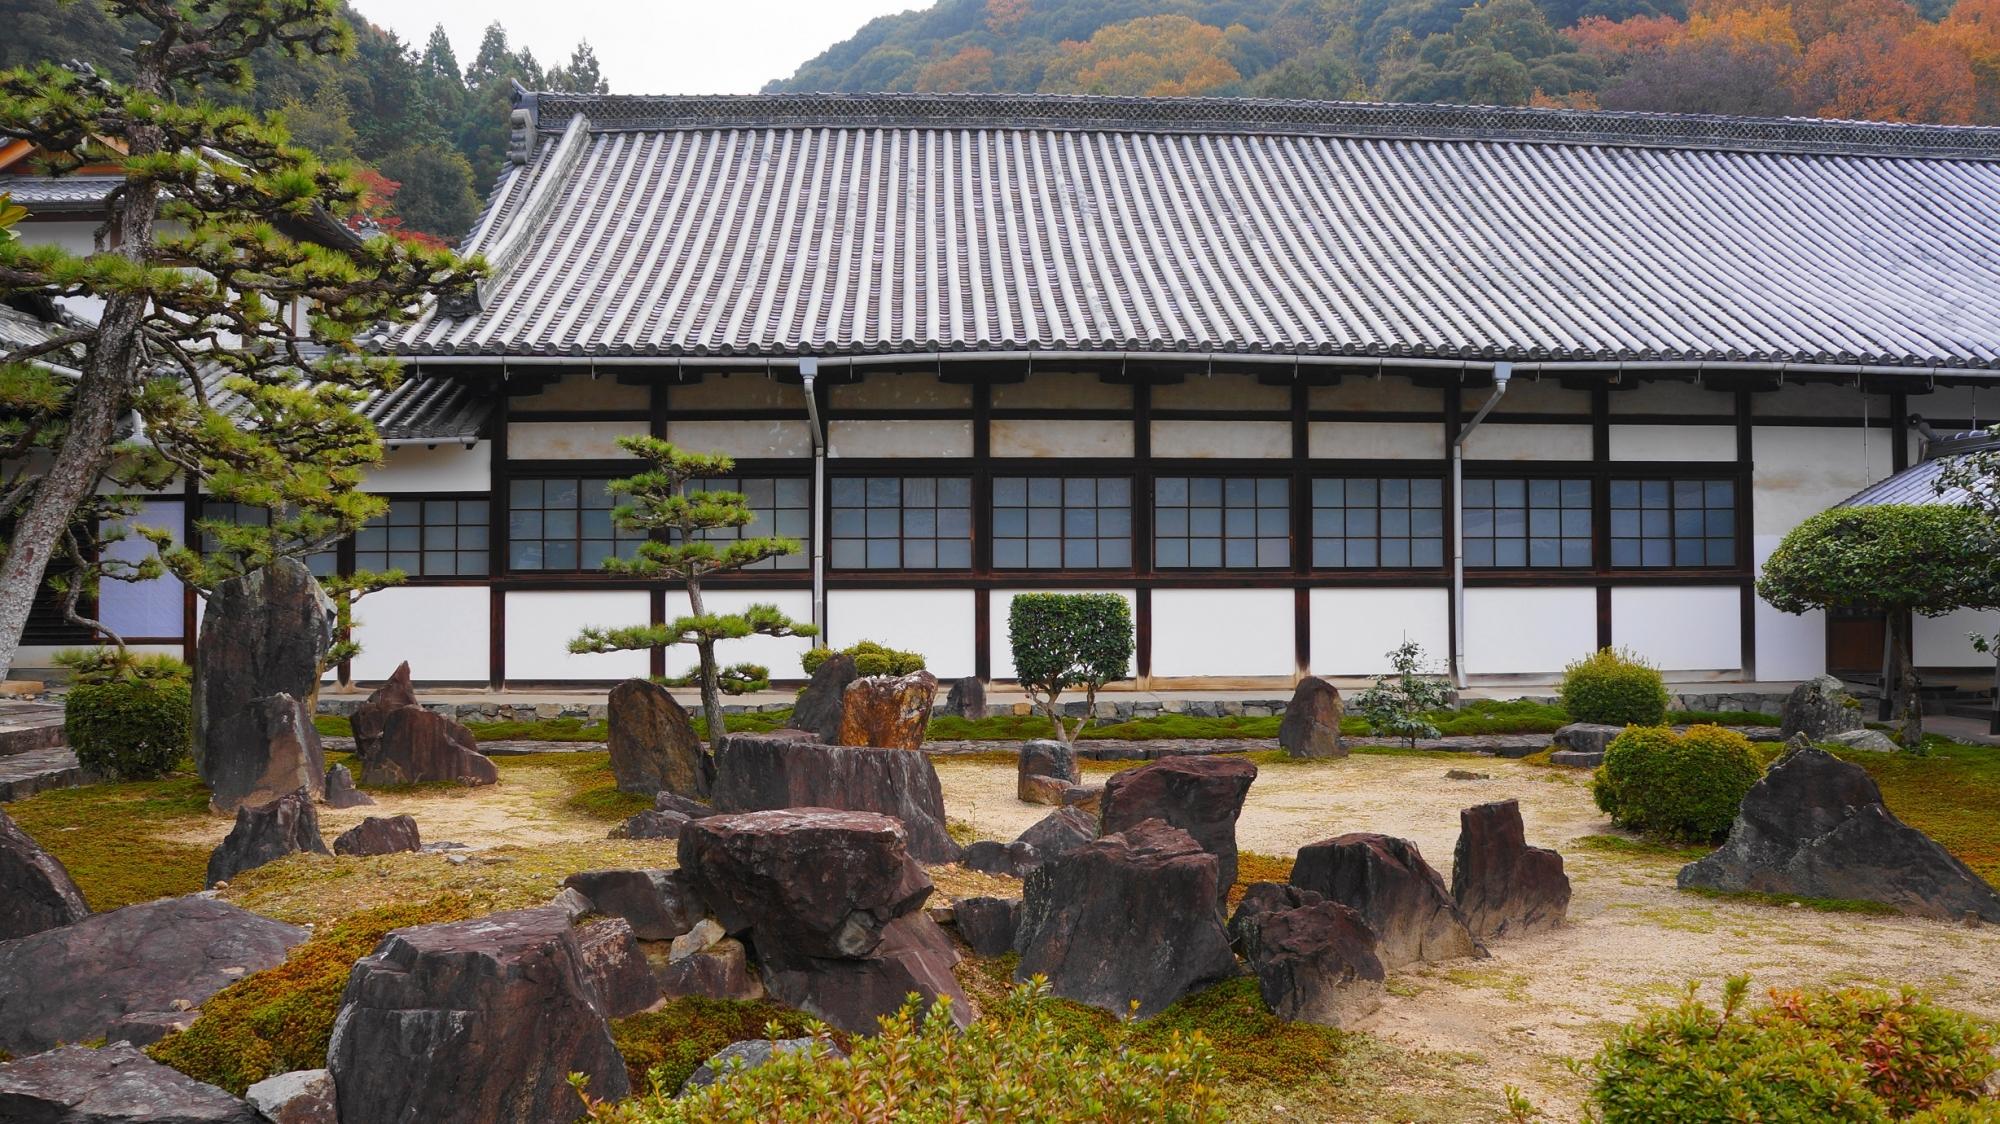 落ち着きの中にも激しさを宿した興聖寺の庭園